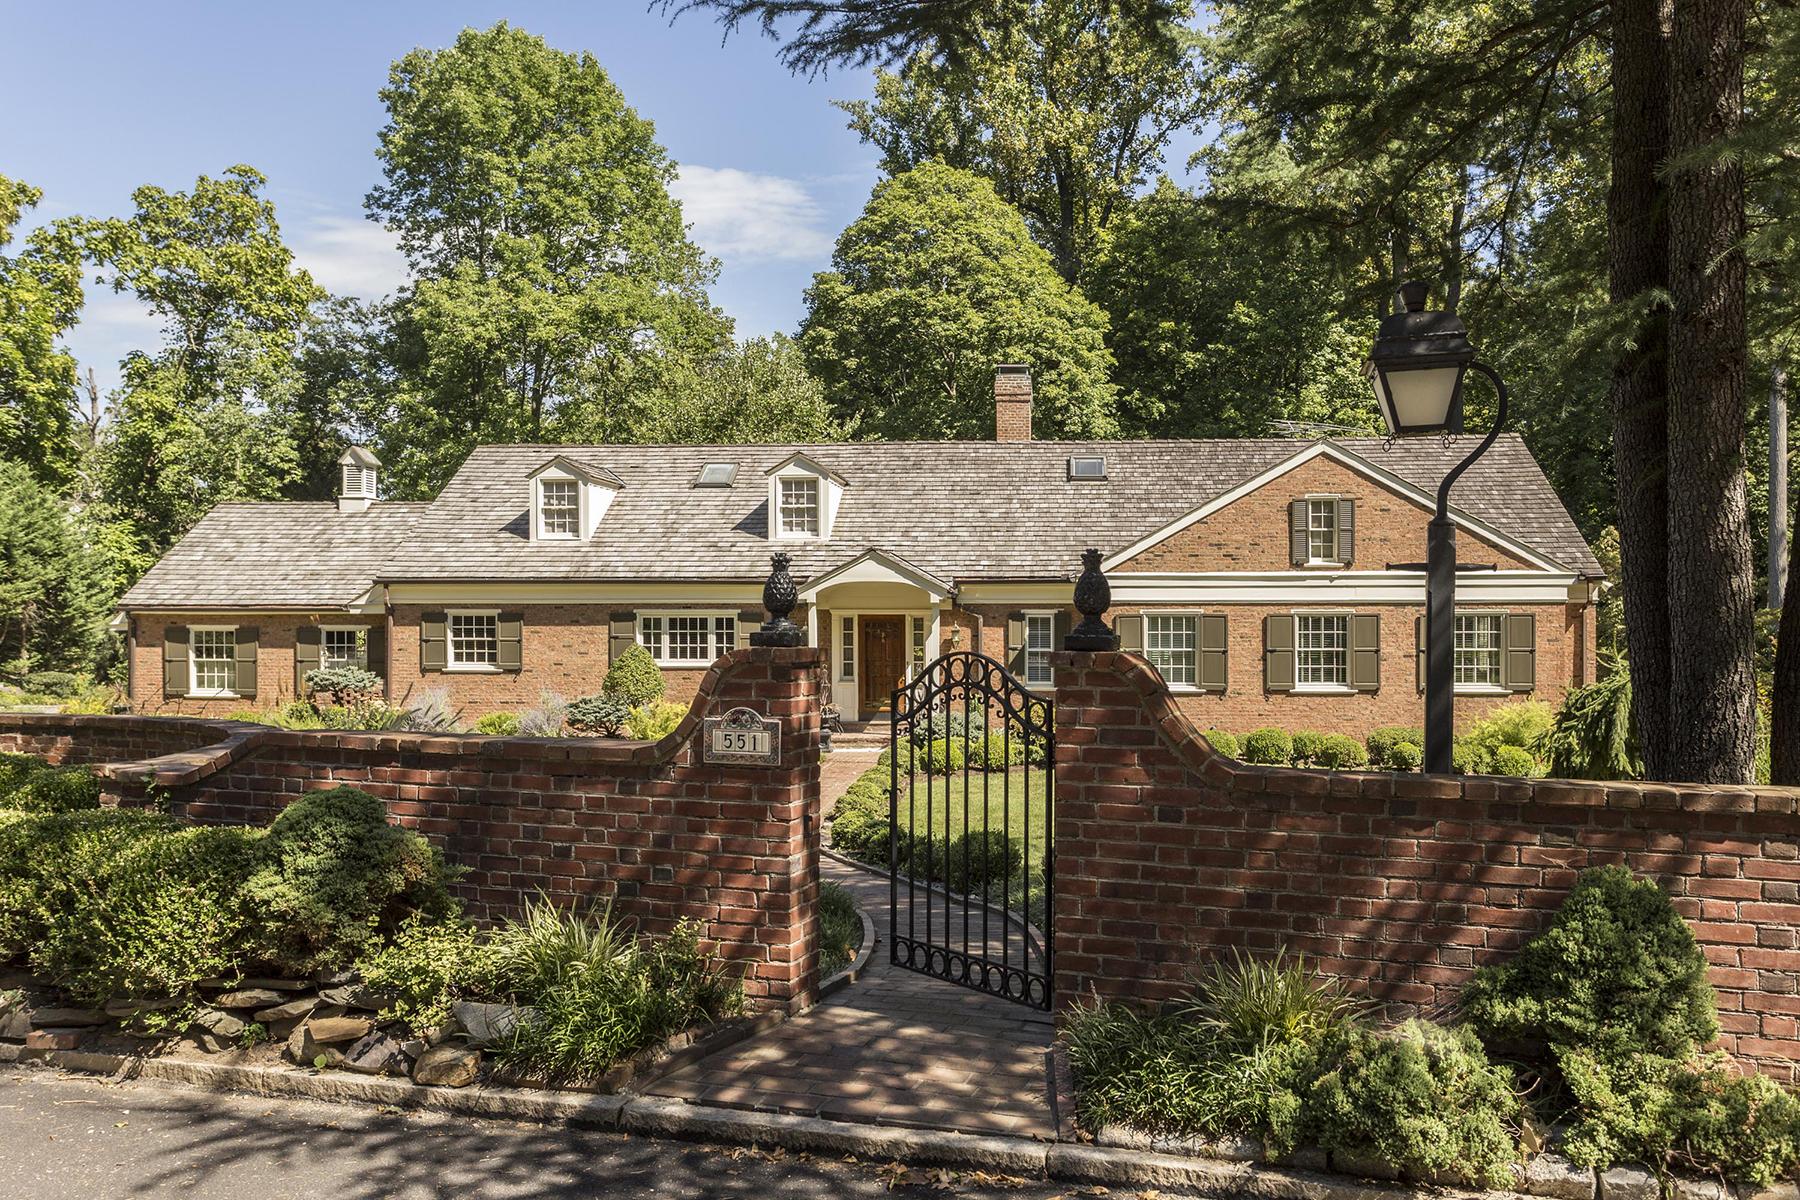 独户住宅 为 销售 在 Haverford, PA 551 Ferndale Ln. 哈弗福德, 19041 美国